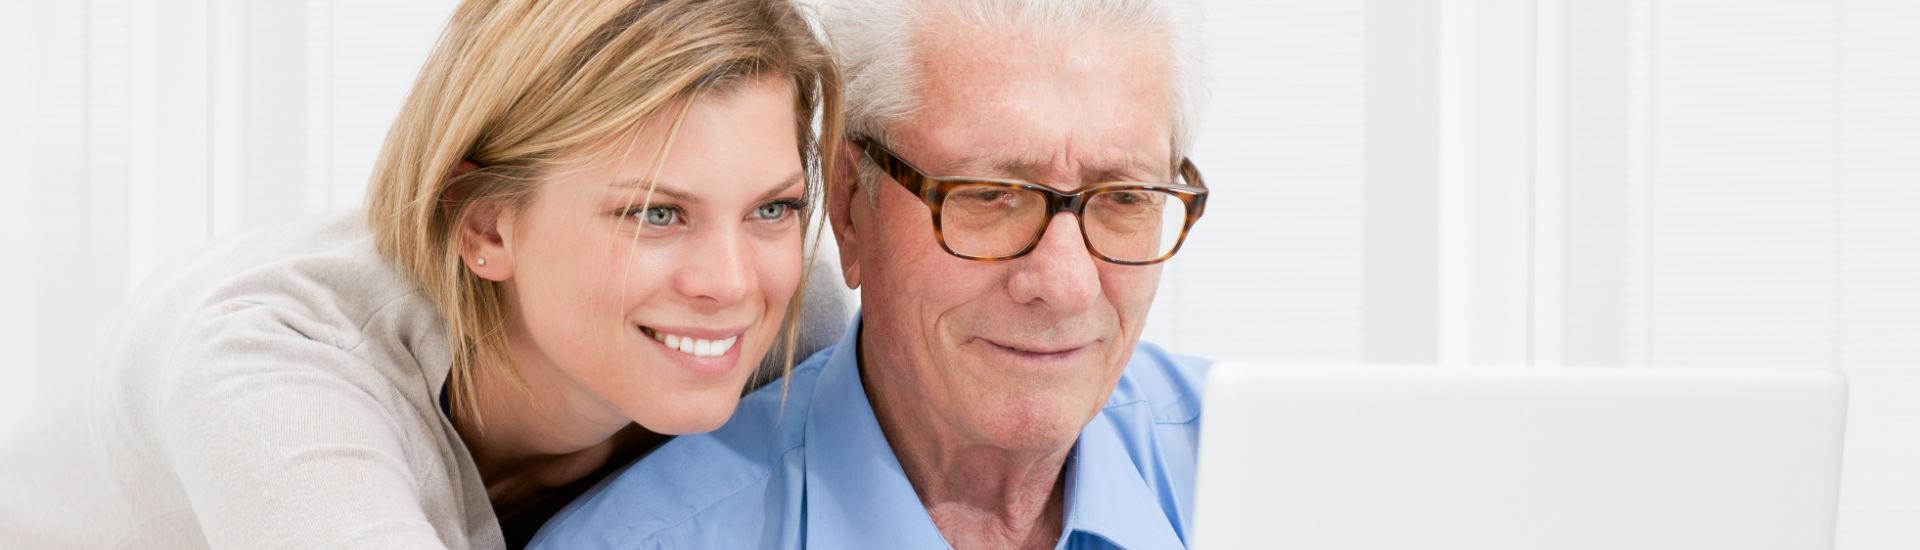 Pflege - Welche Alternativen gibt es zu Alters- und Pflegeheim